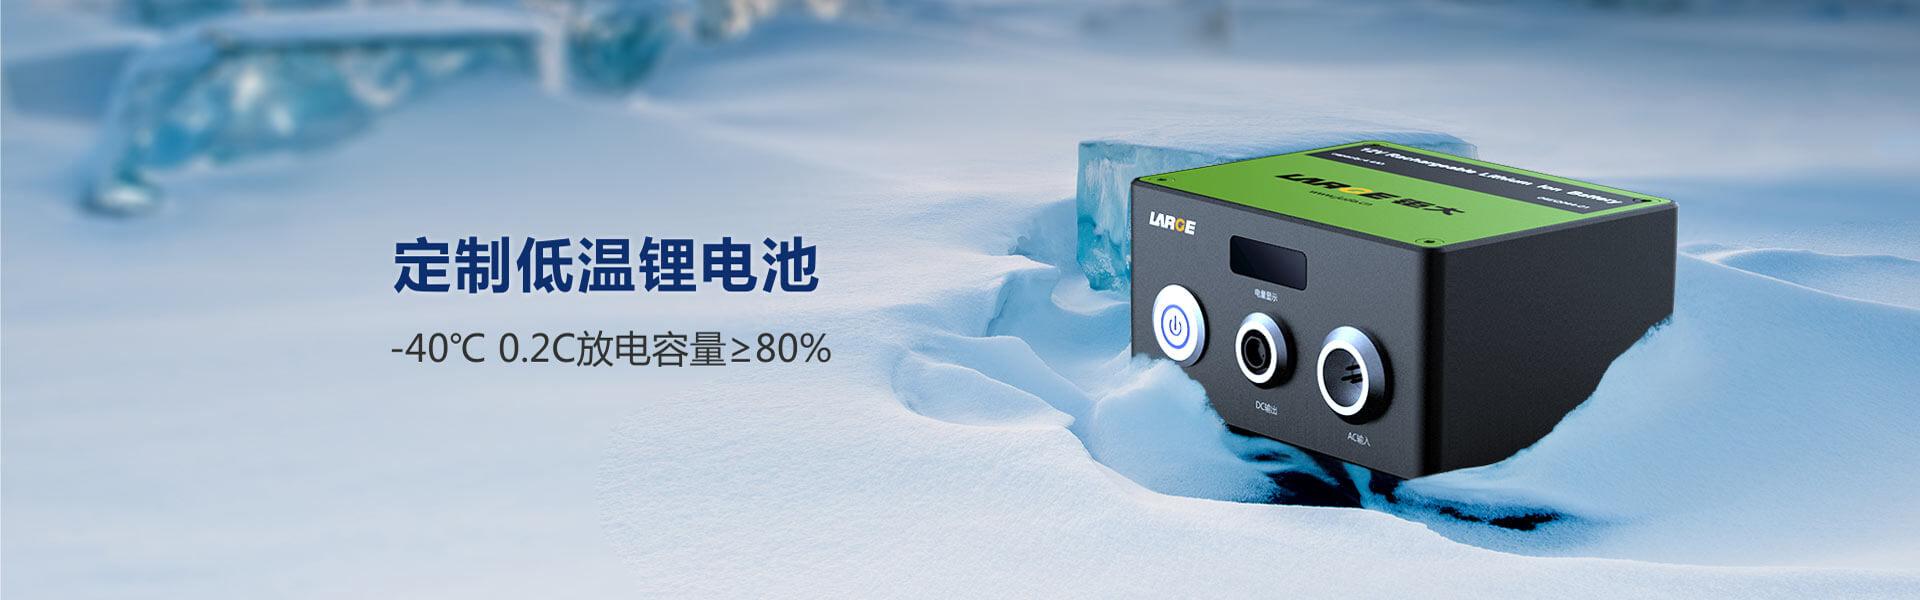 定制低温锂电池